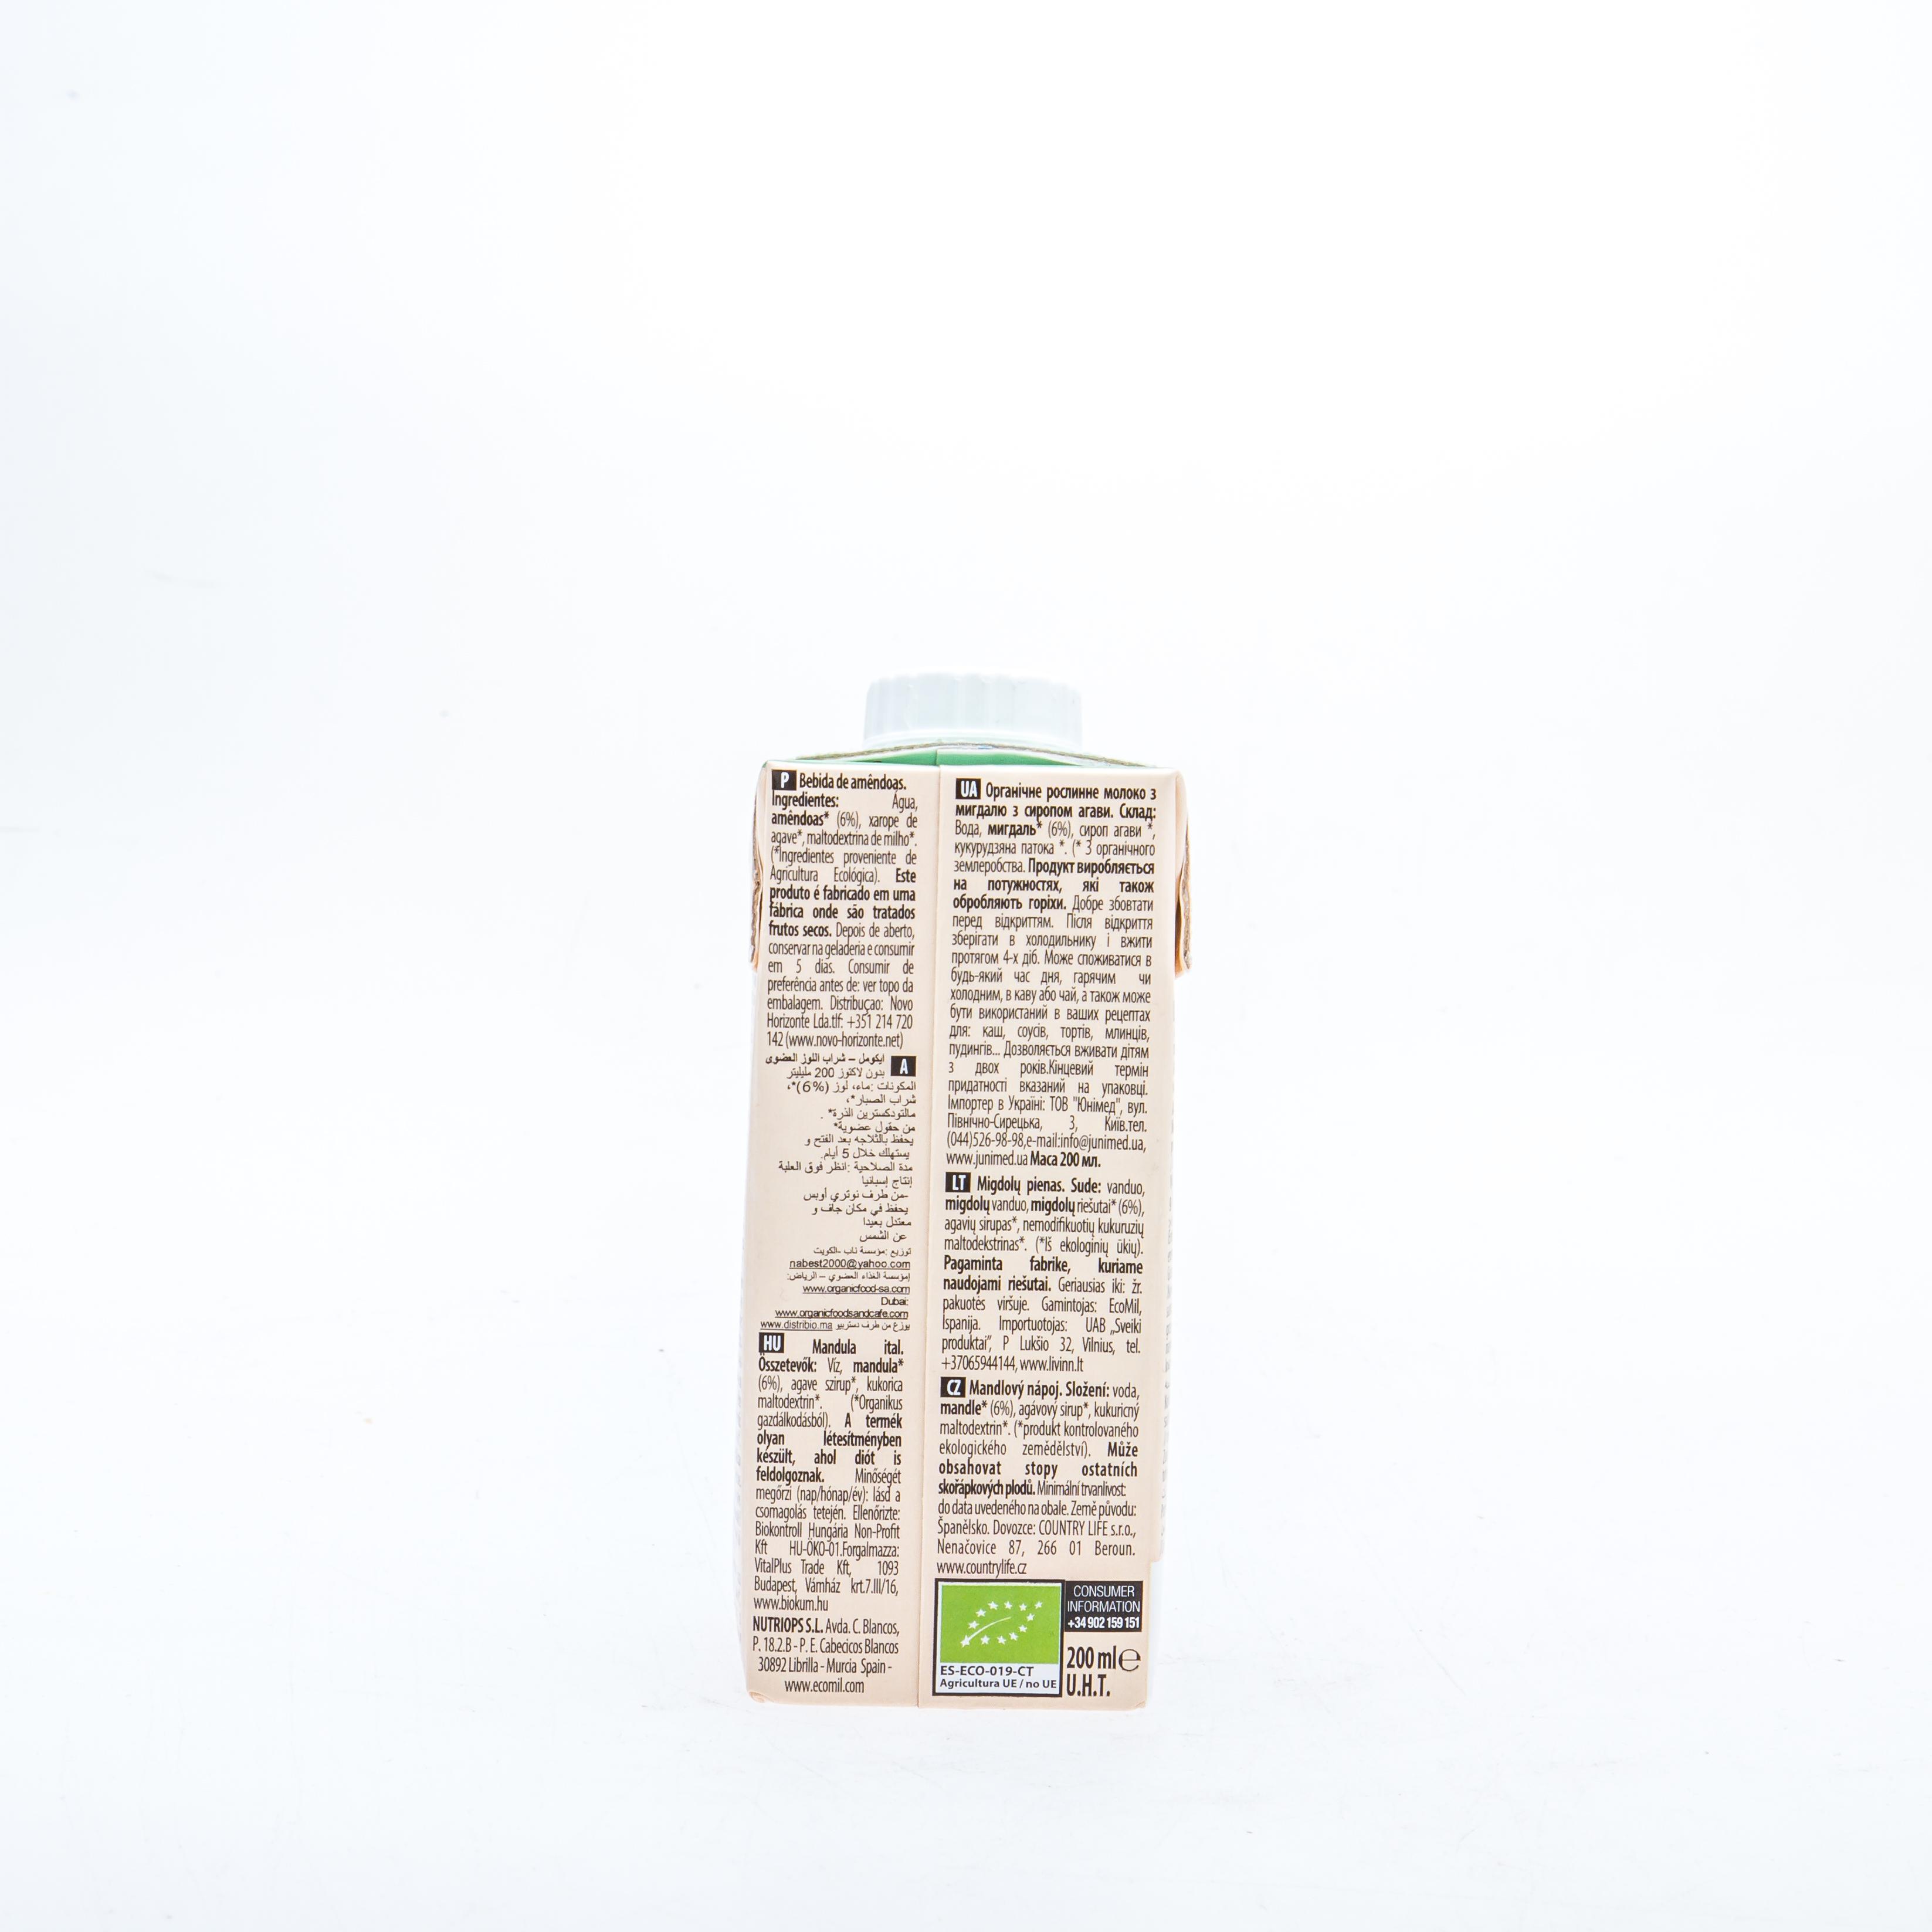 Органічне рослинне молоко з мигдалю з сиропом агави, 200 мл - купити в інтернет-магазині Юнимед